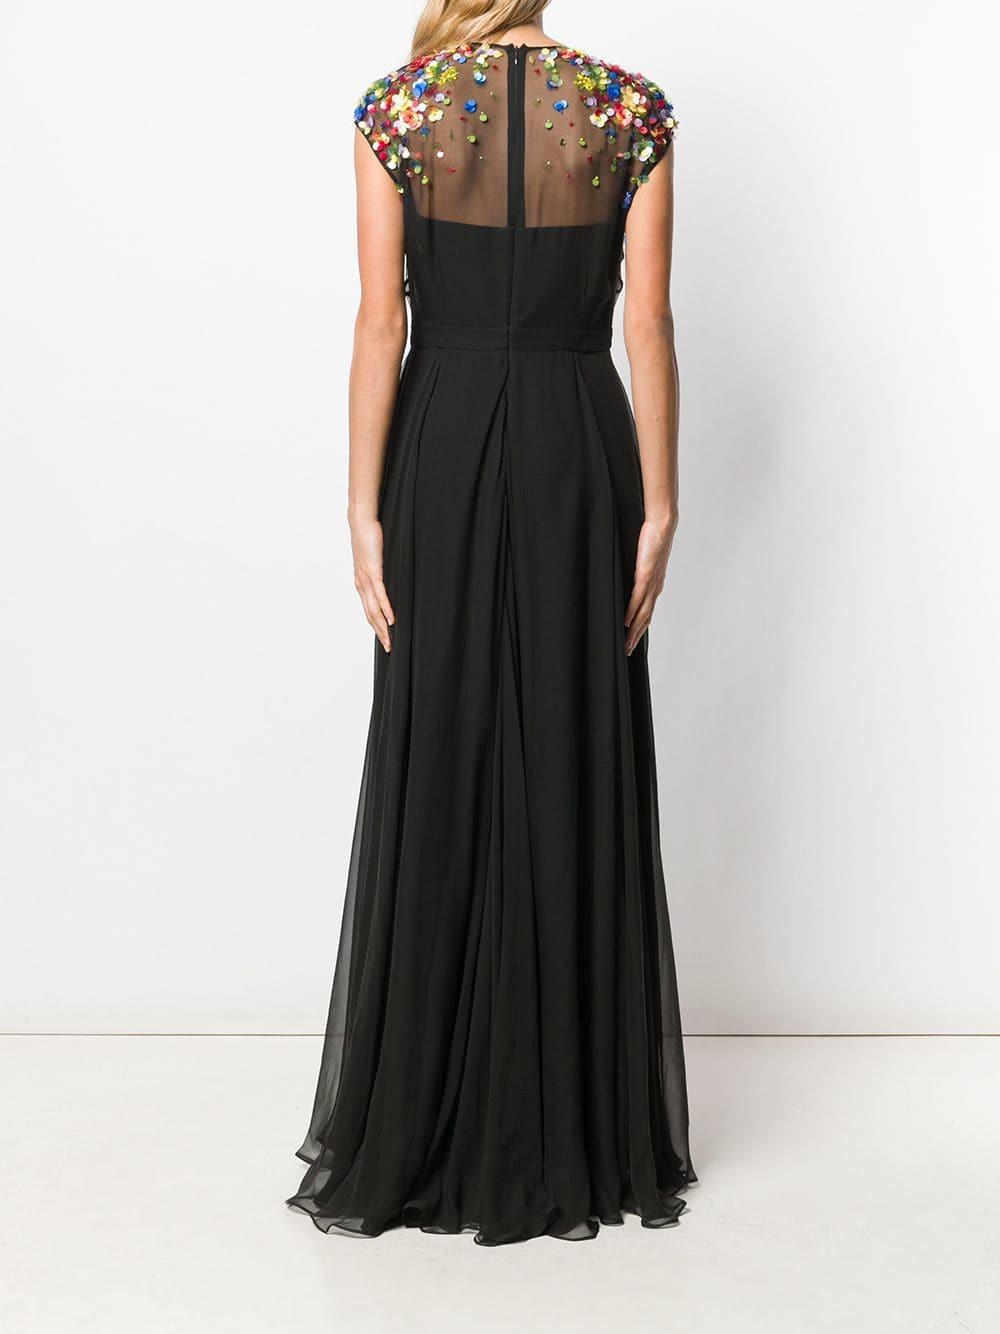 13 Luxurius Escada Abendkleider Galerie17 Coolste Escada Abendkleider Spezialgebiet